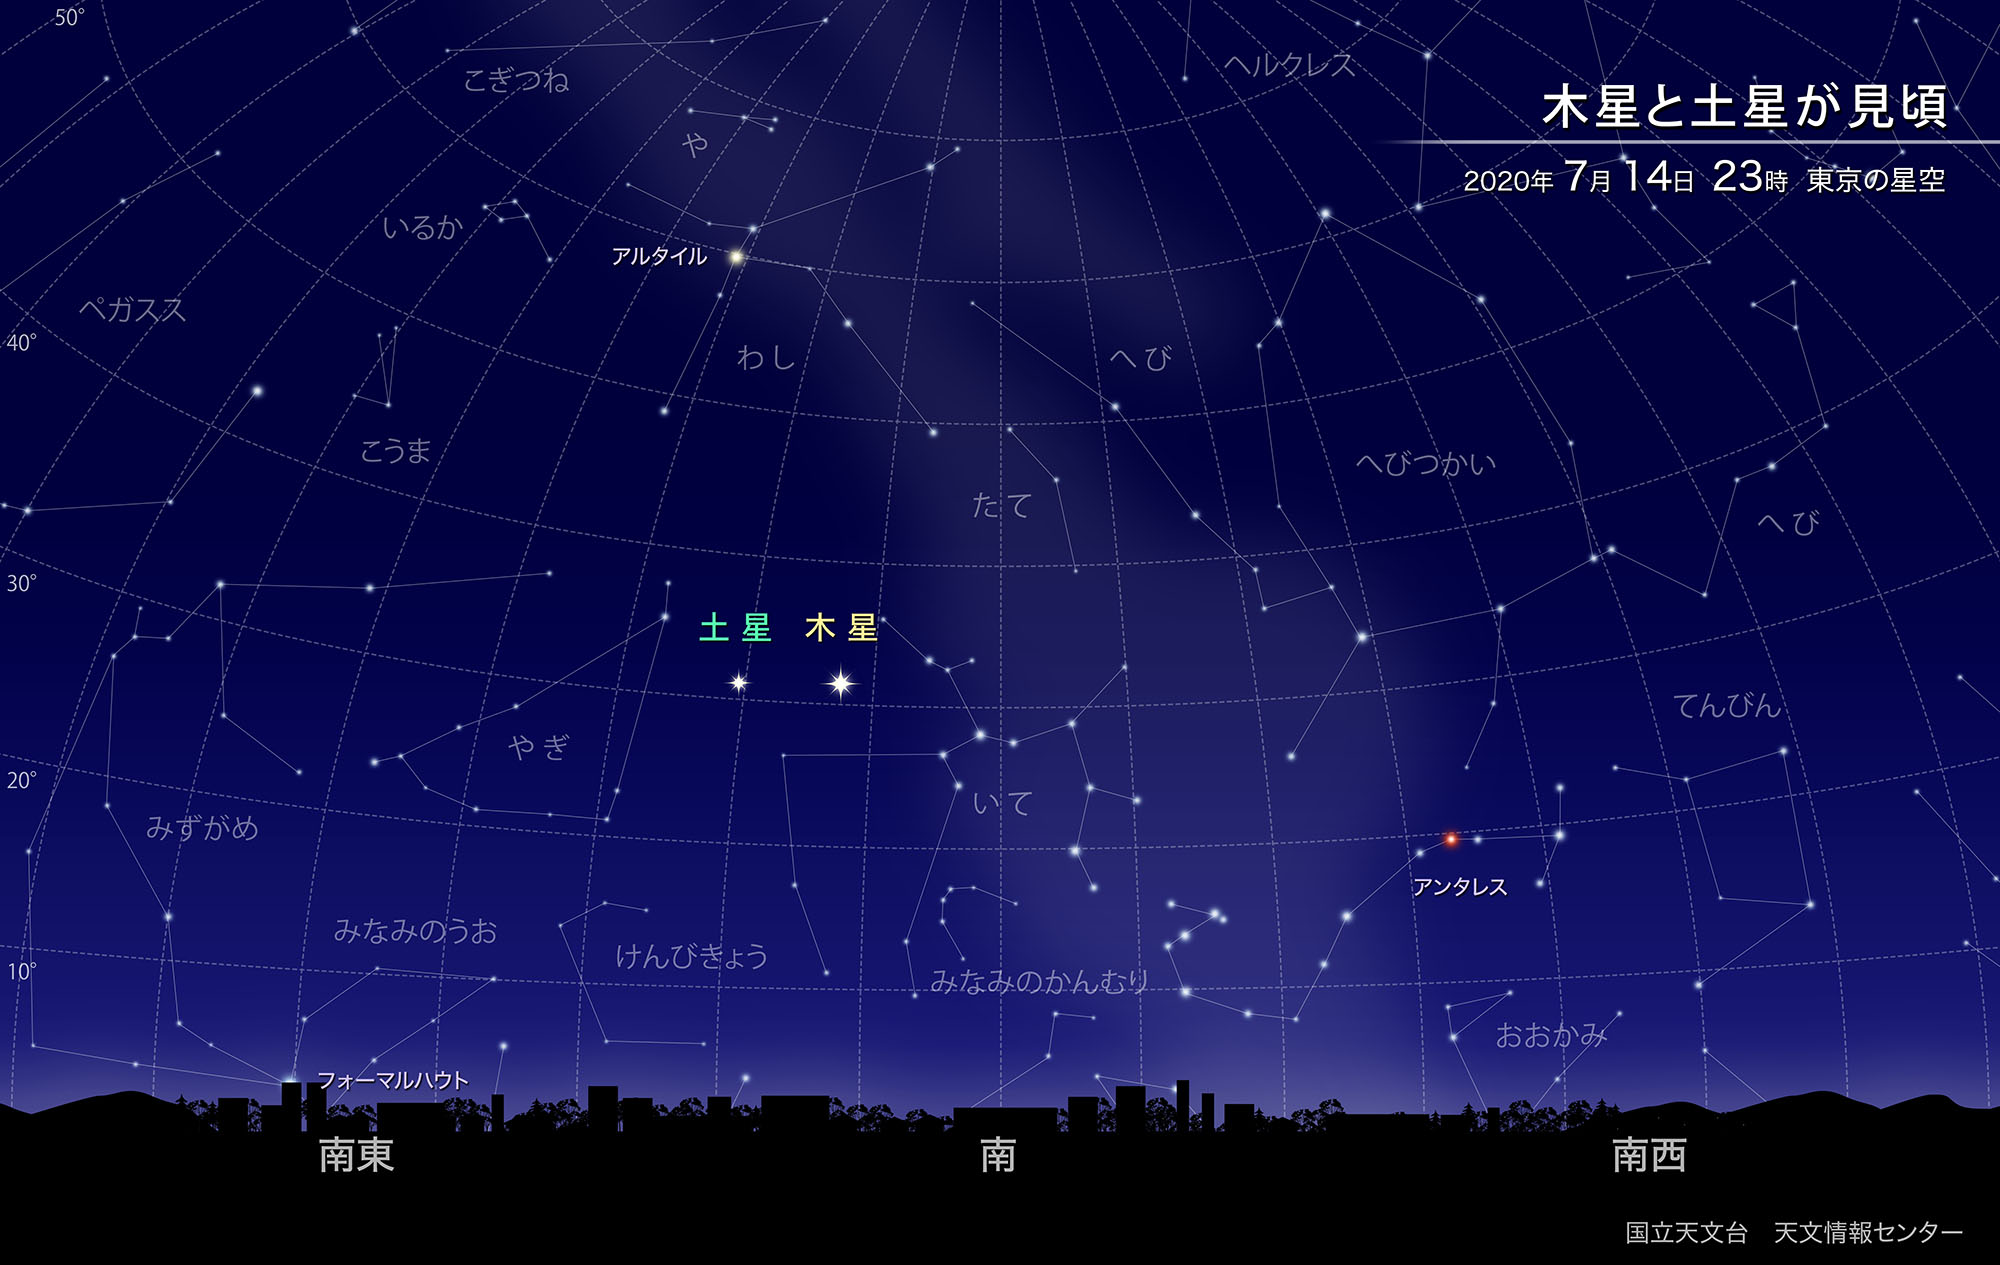 木星と土星が見頃(2020年7月) | 国立天文台(NAOJ)